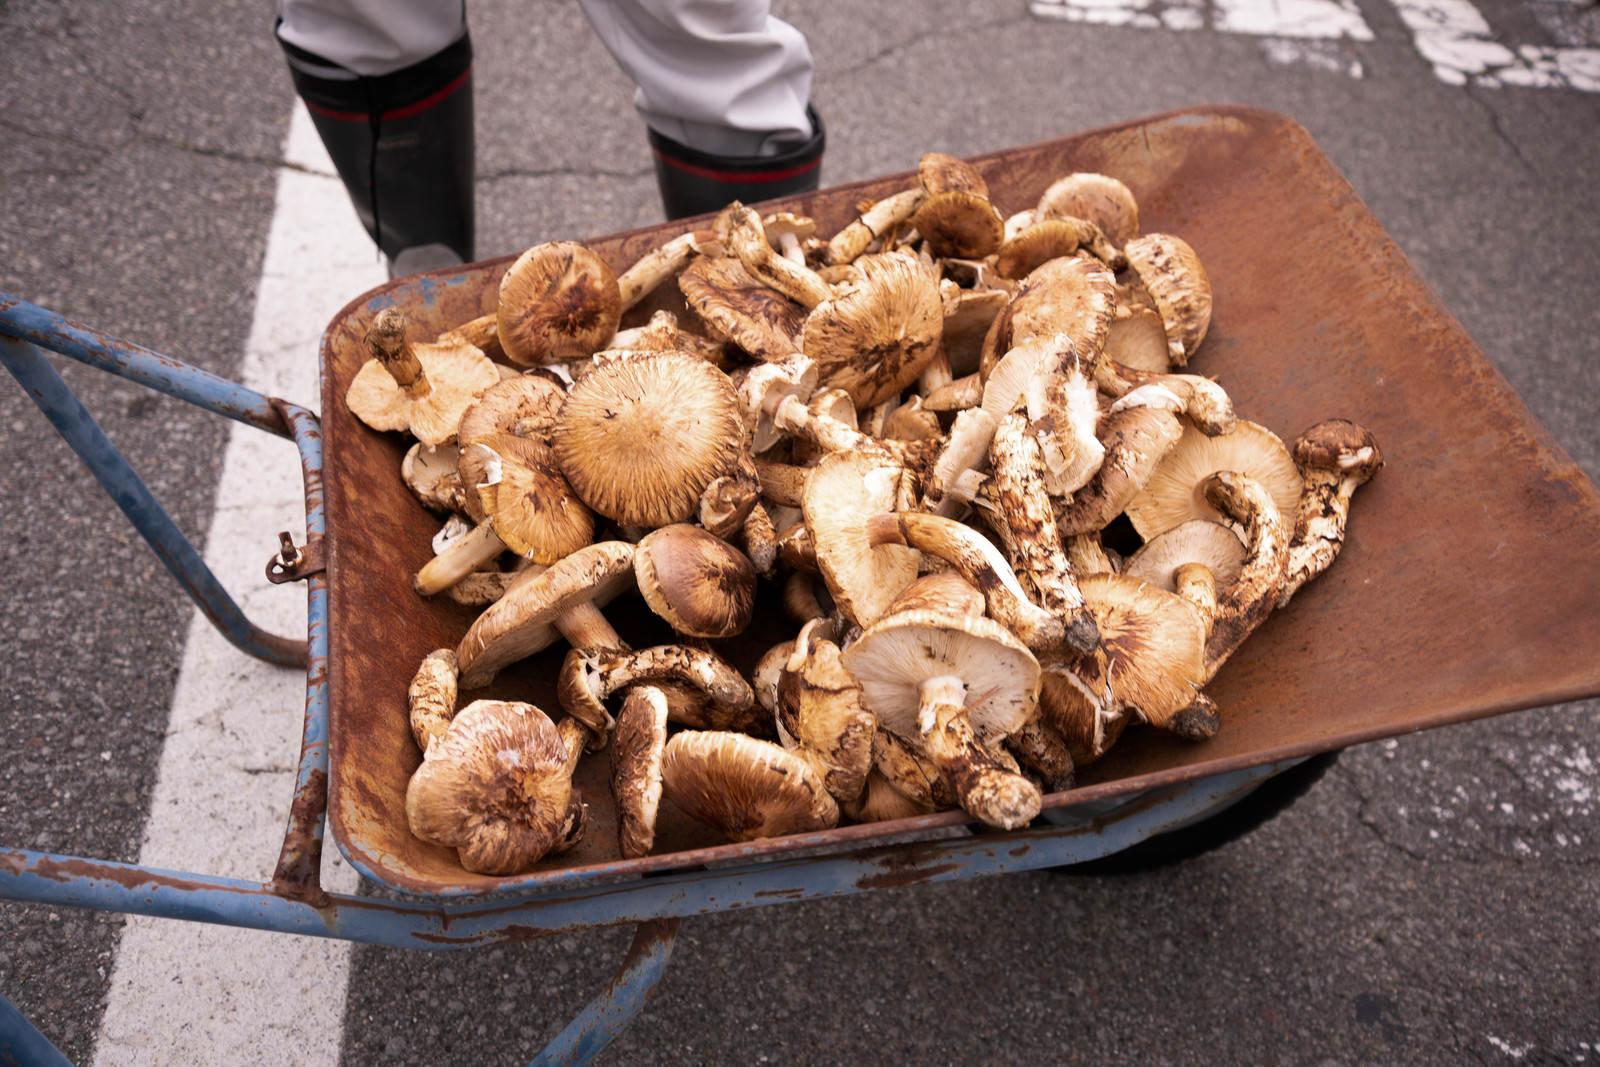 「一輪車に乗せられた収穫されたばかりの松茸」の写真